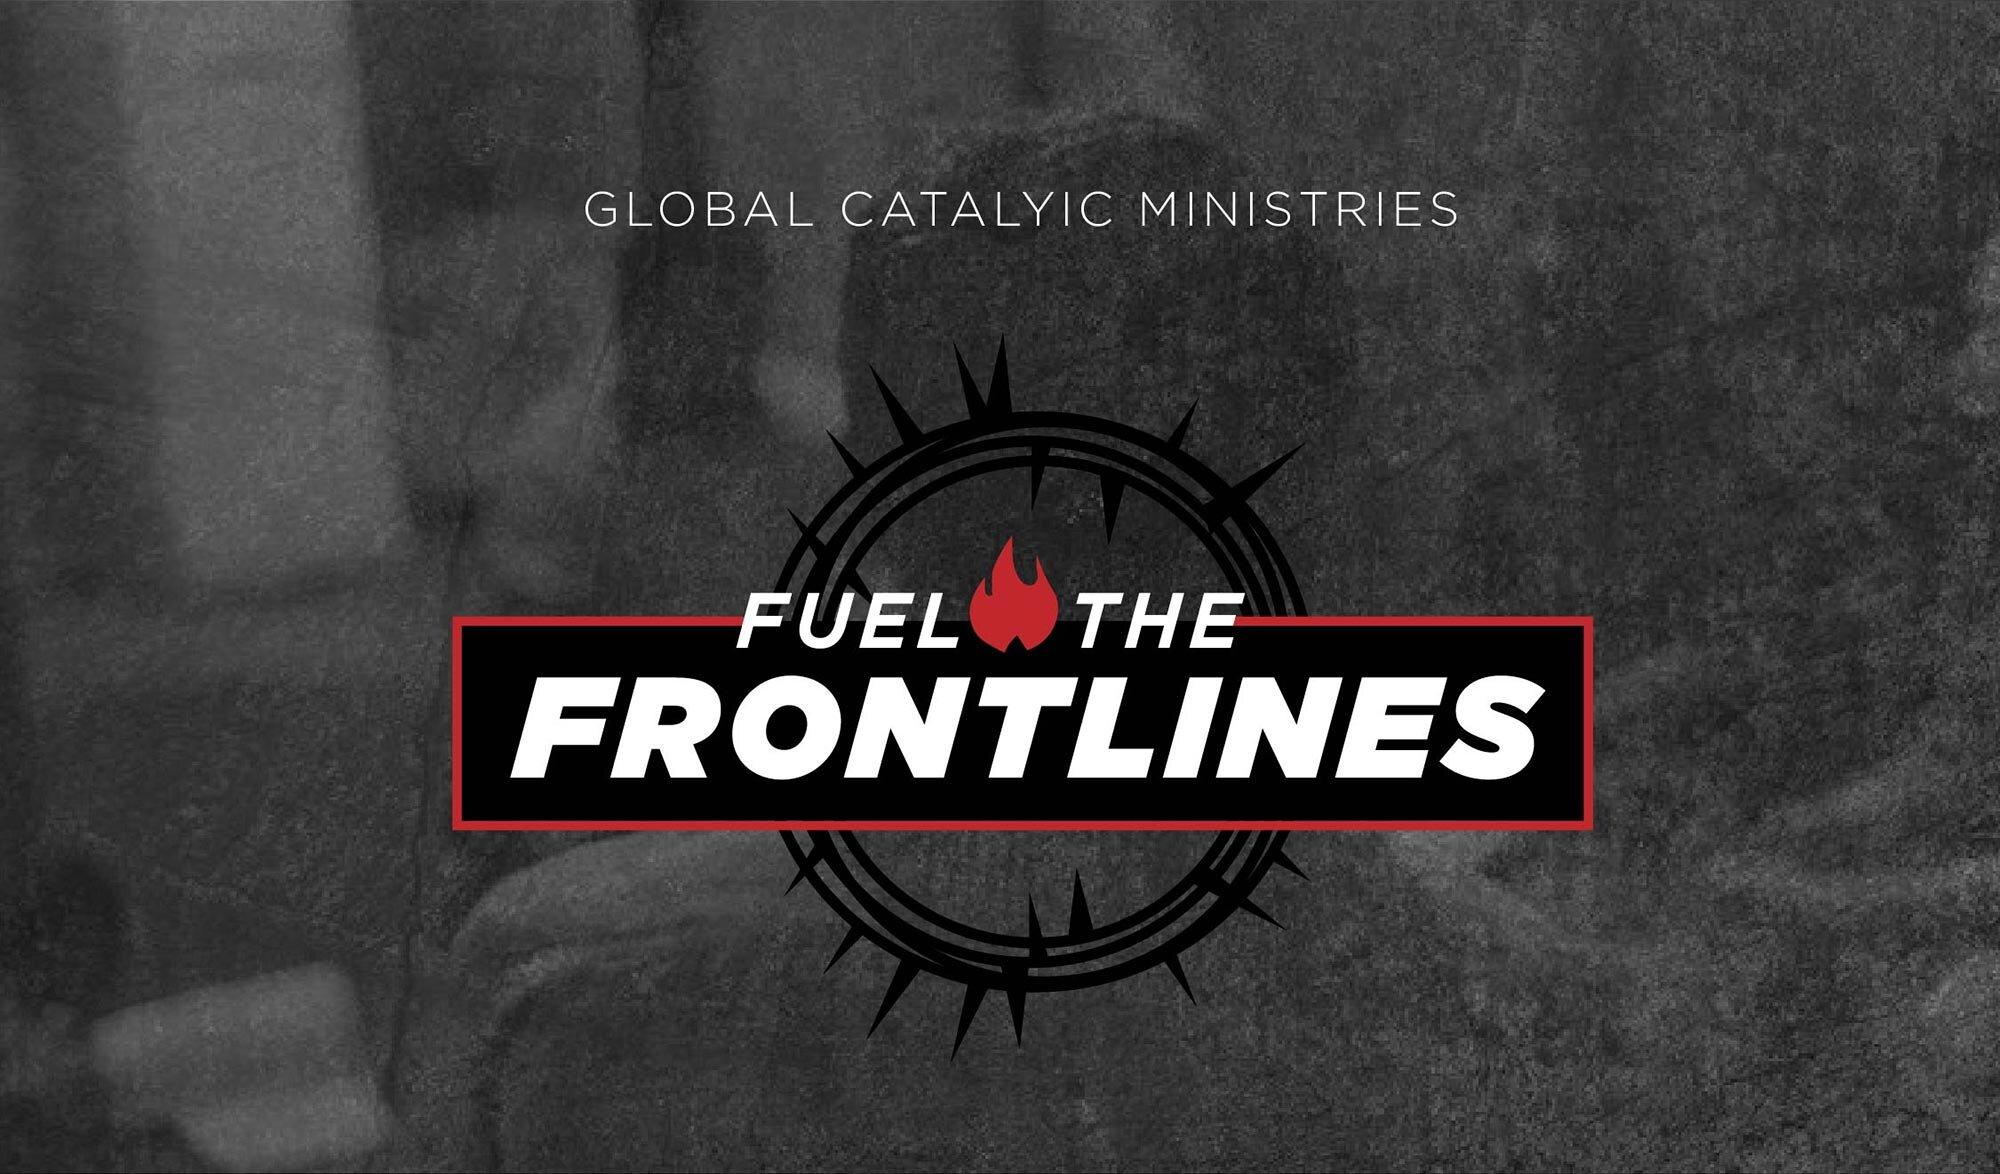 Fuel-the-Frontlines1.jpg